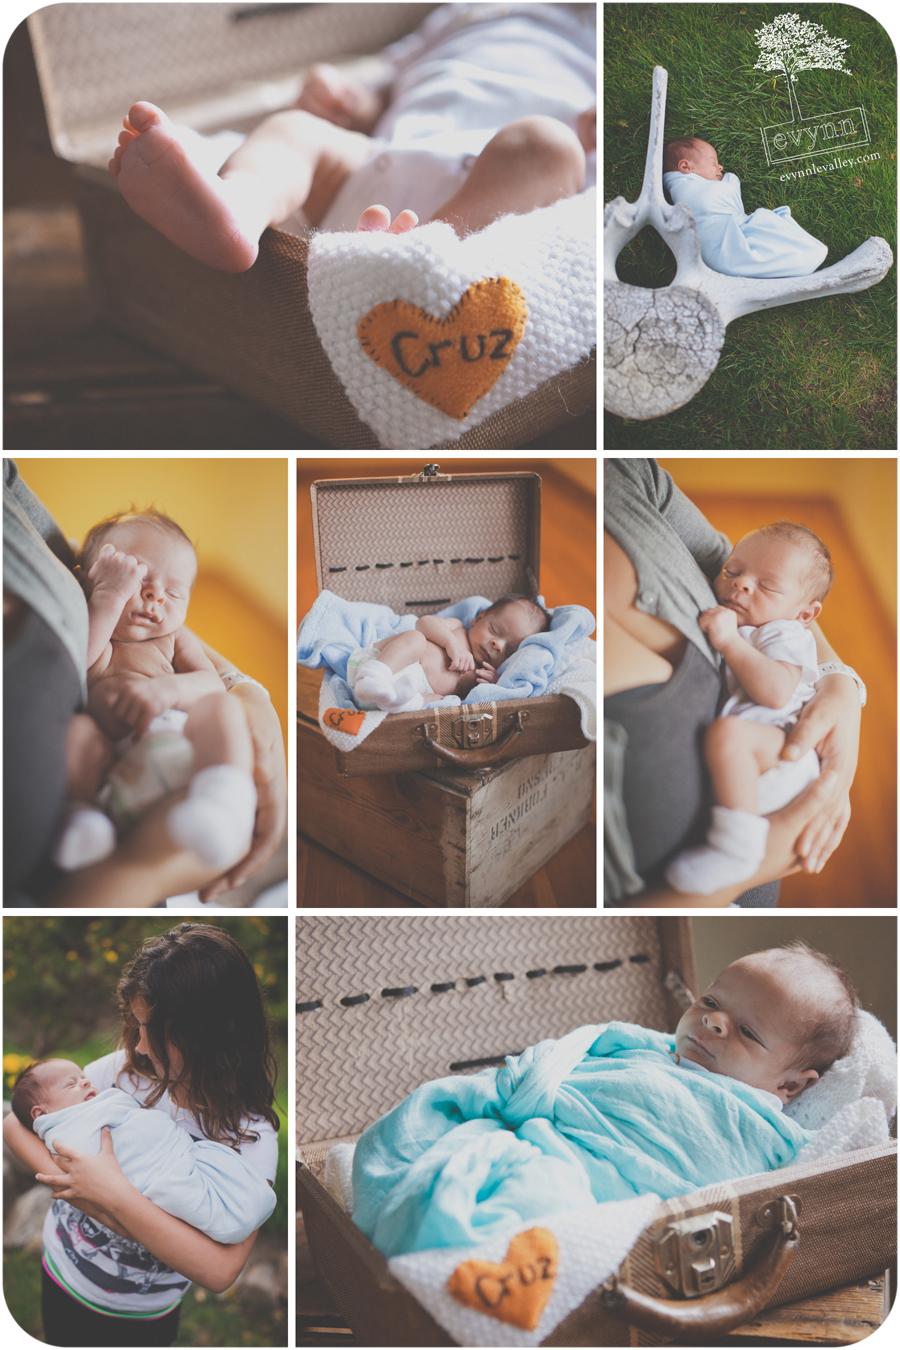 Big Sur, Newborn, Photography, Baby, Portrait, Vintage, Outdoors